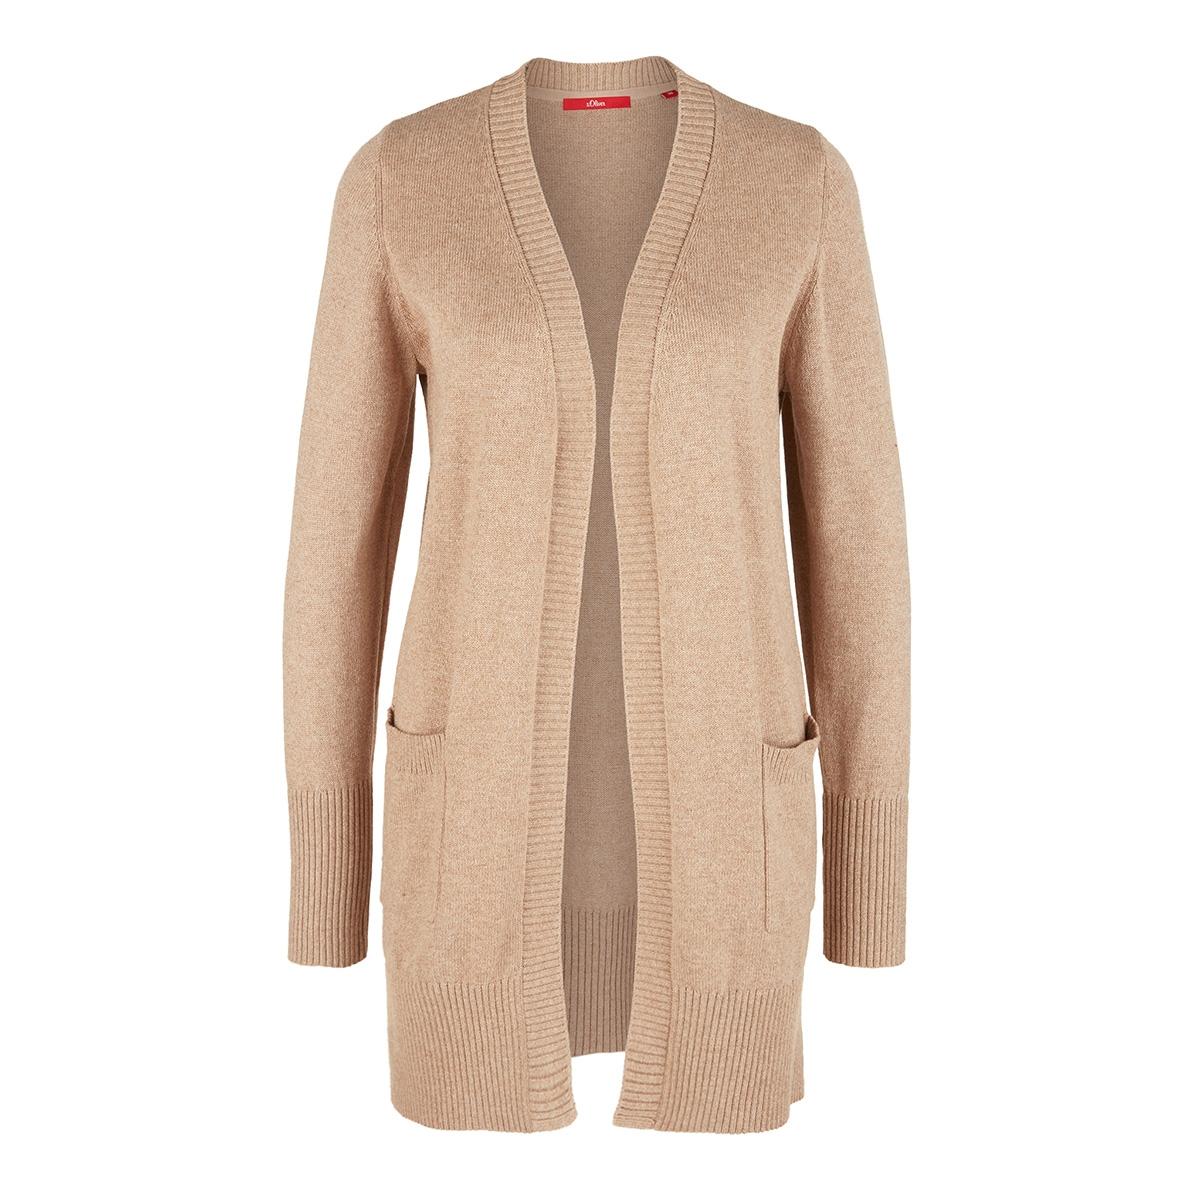 knitwear vest 05912642523 s.oliver vest 83w0